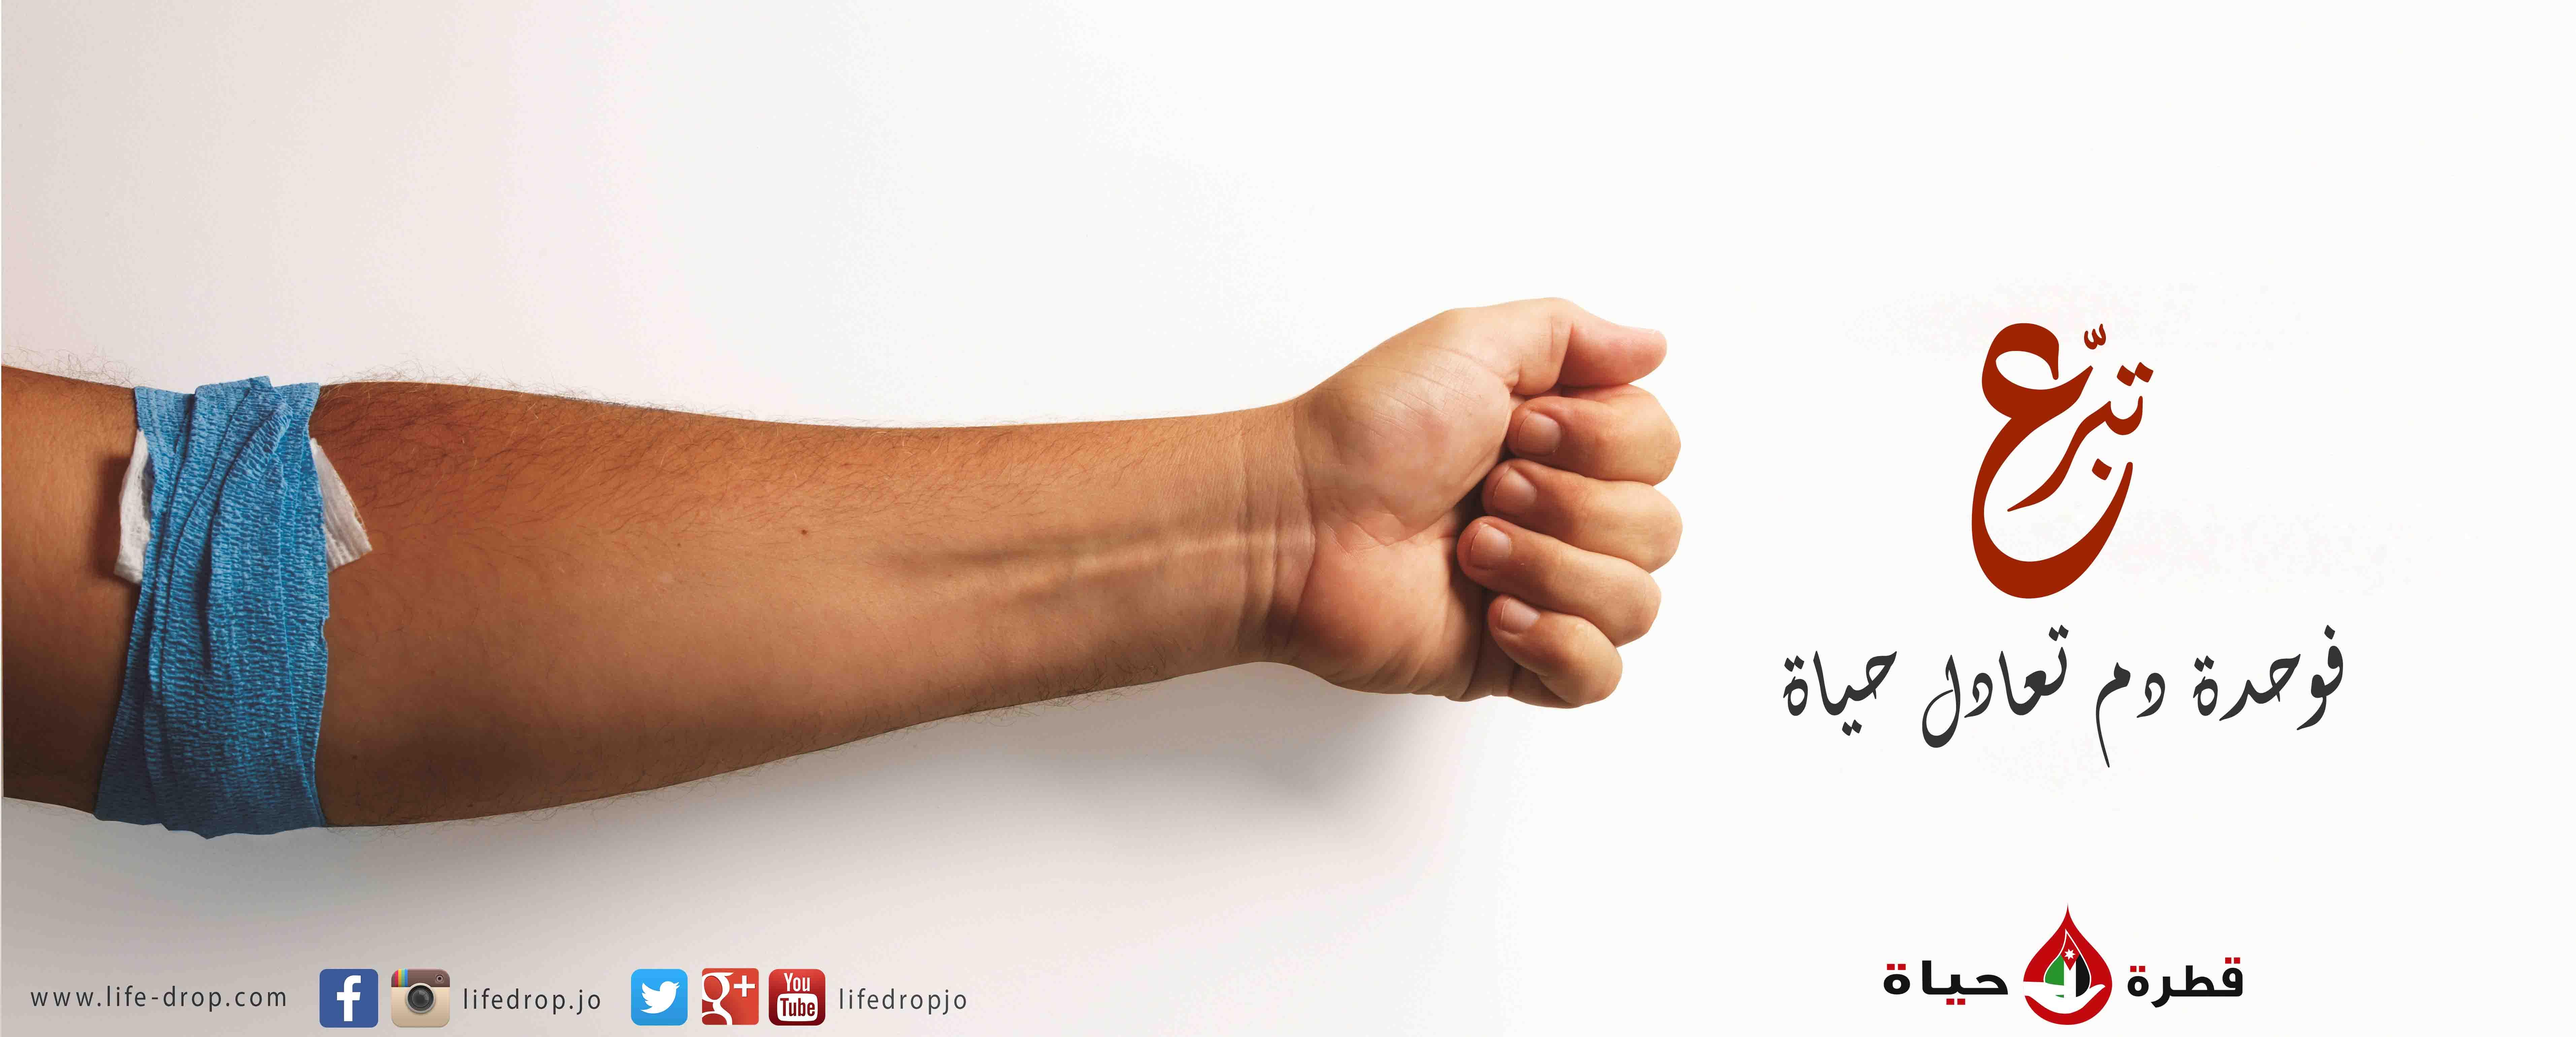 هل ترغب في صحة جيدة؟ تعرف على فوائد التبرع بالدم